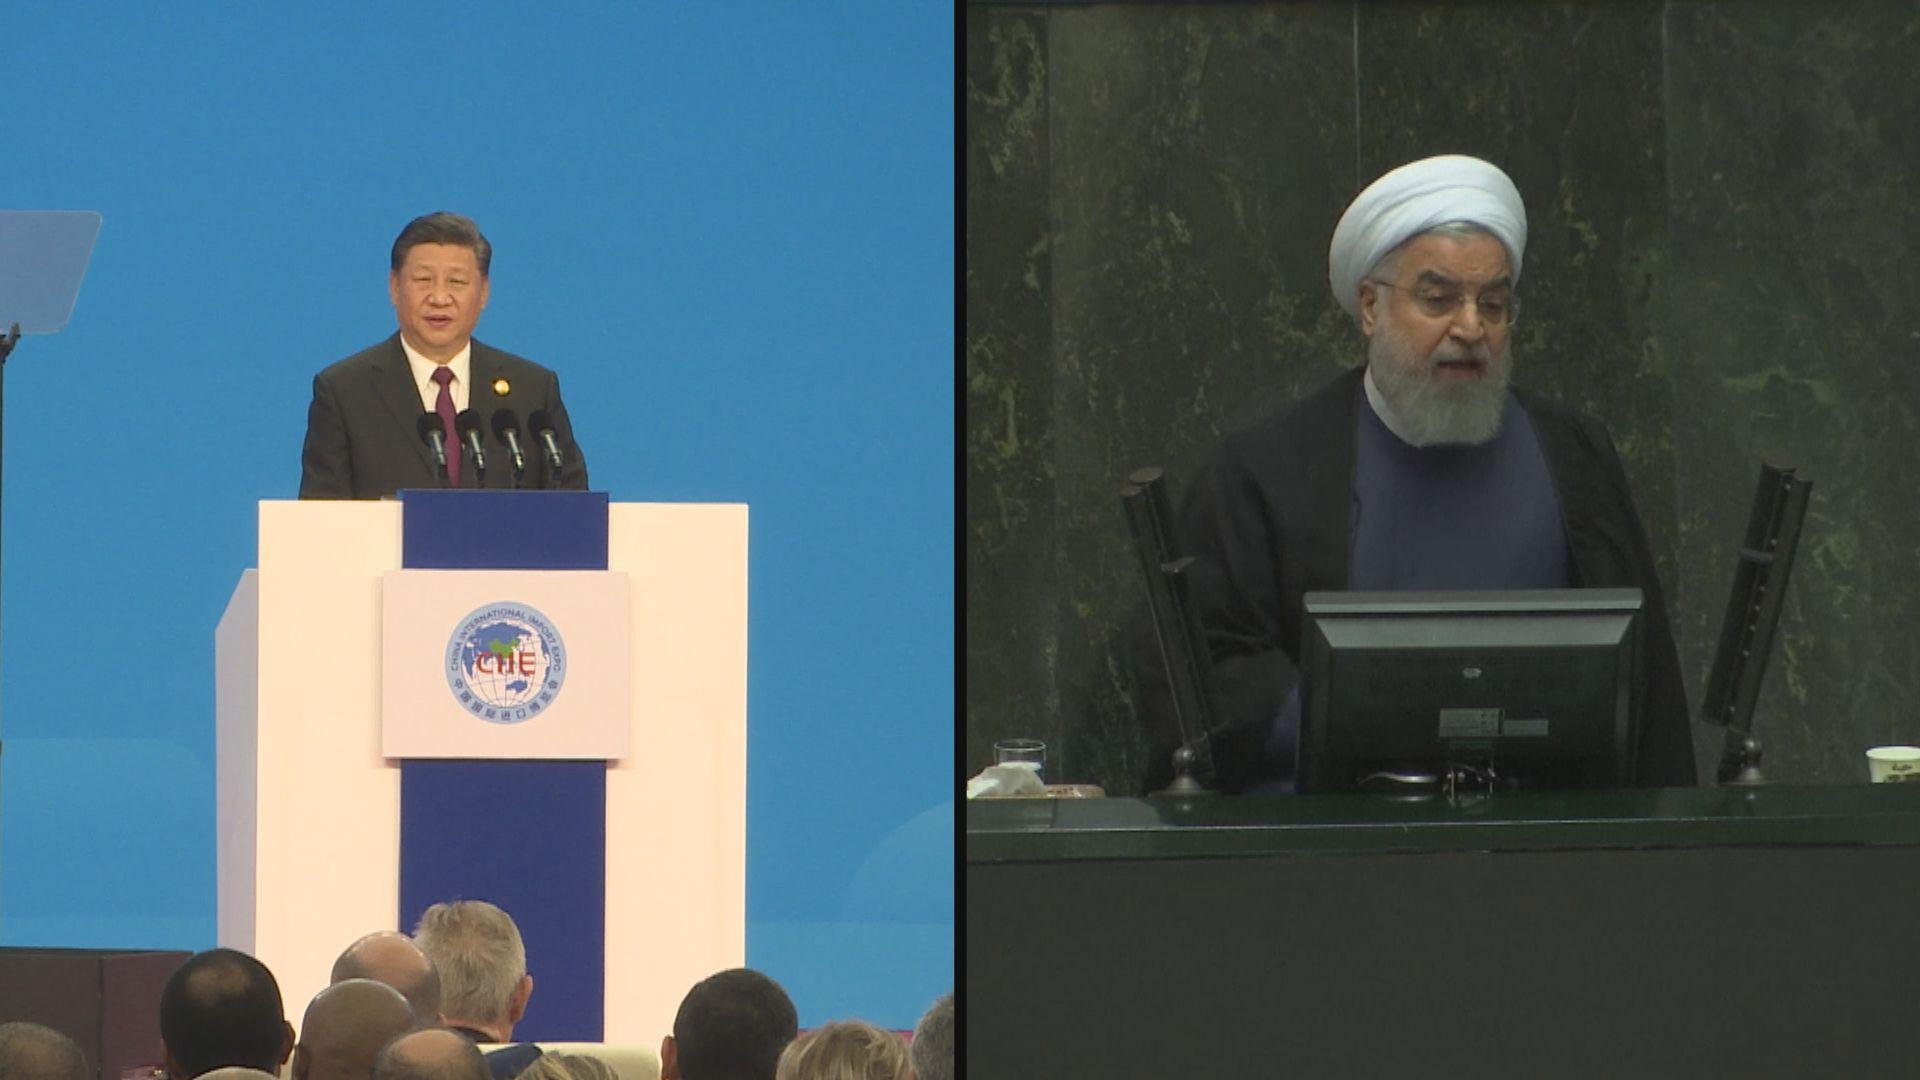 中伊領袖通電話 習近平:支持伊朗核協議上提合理要求